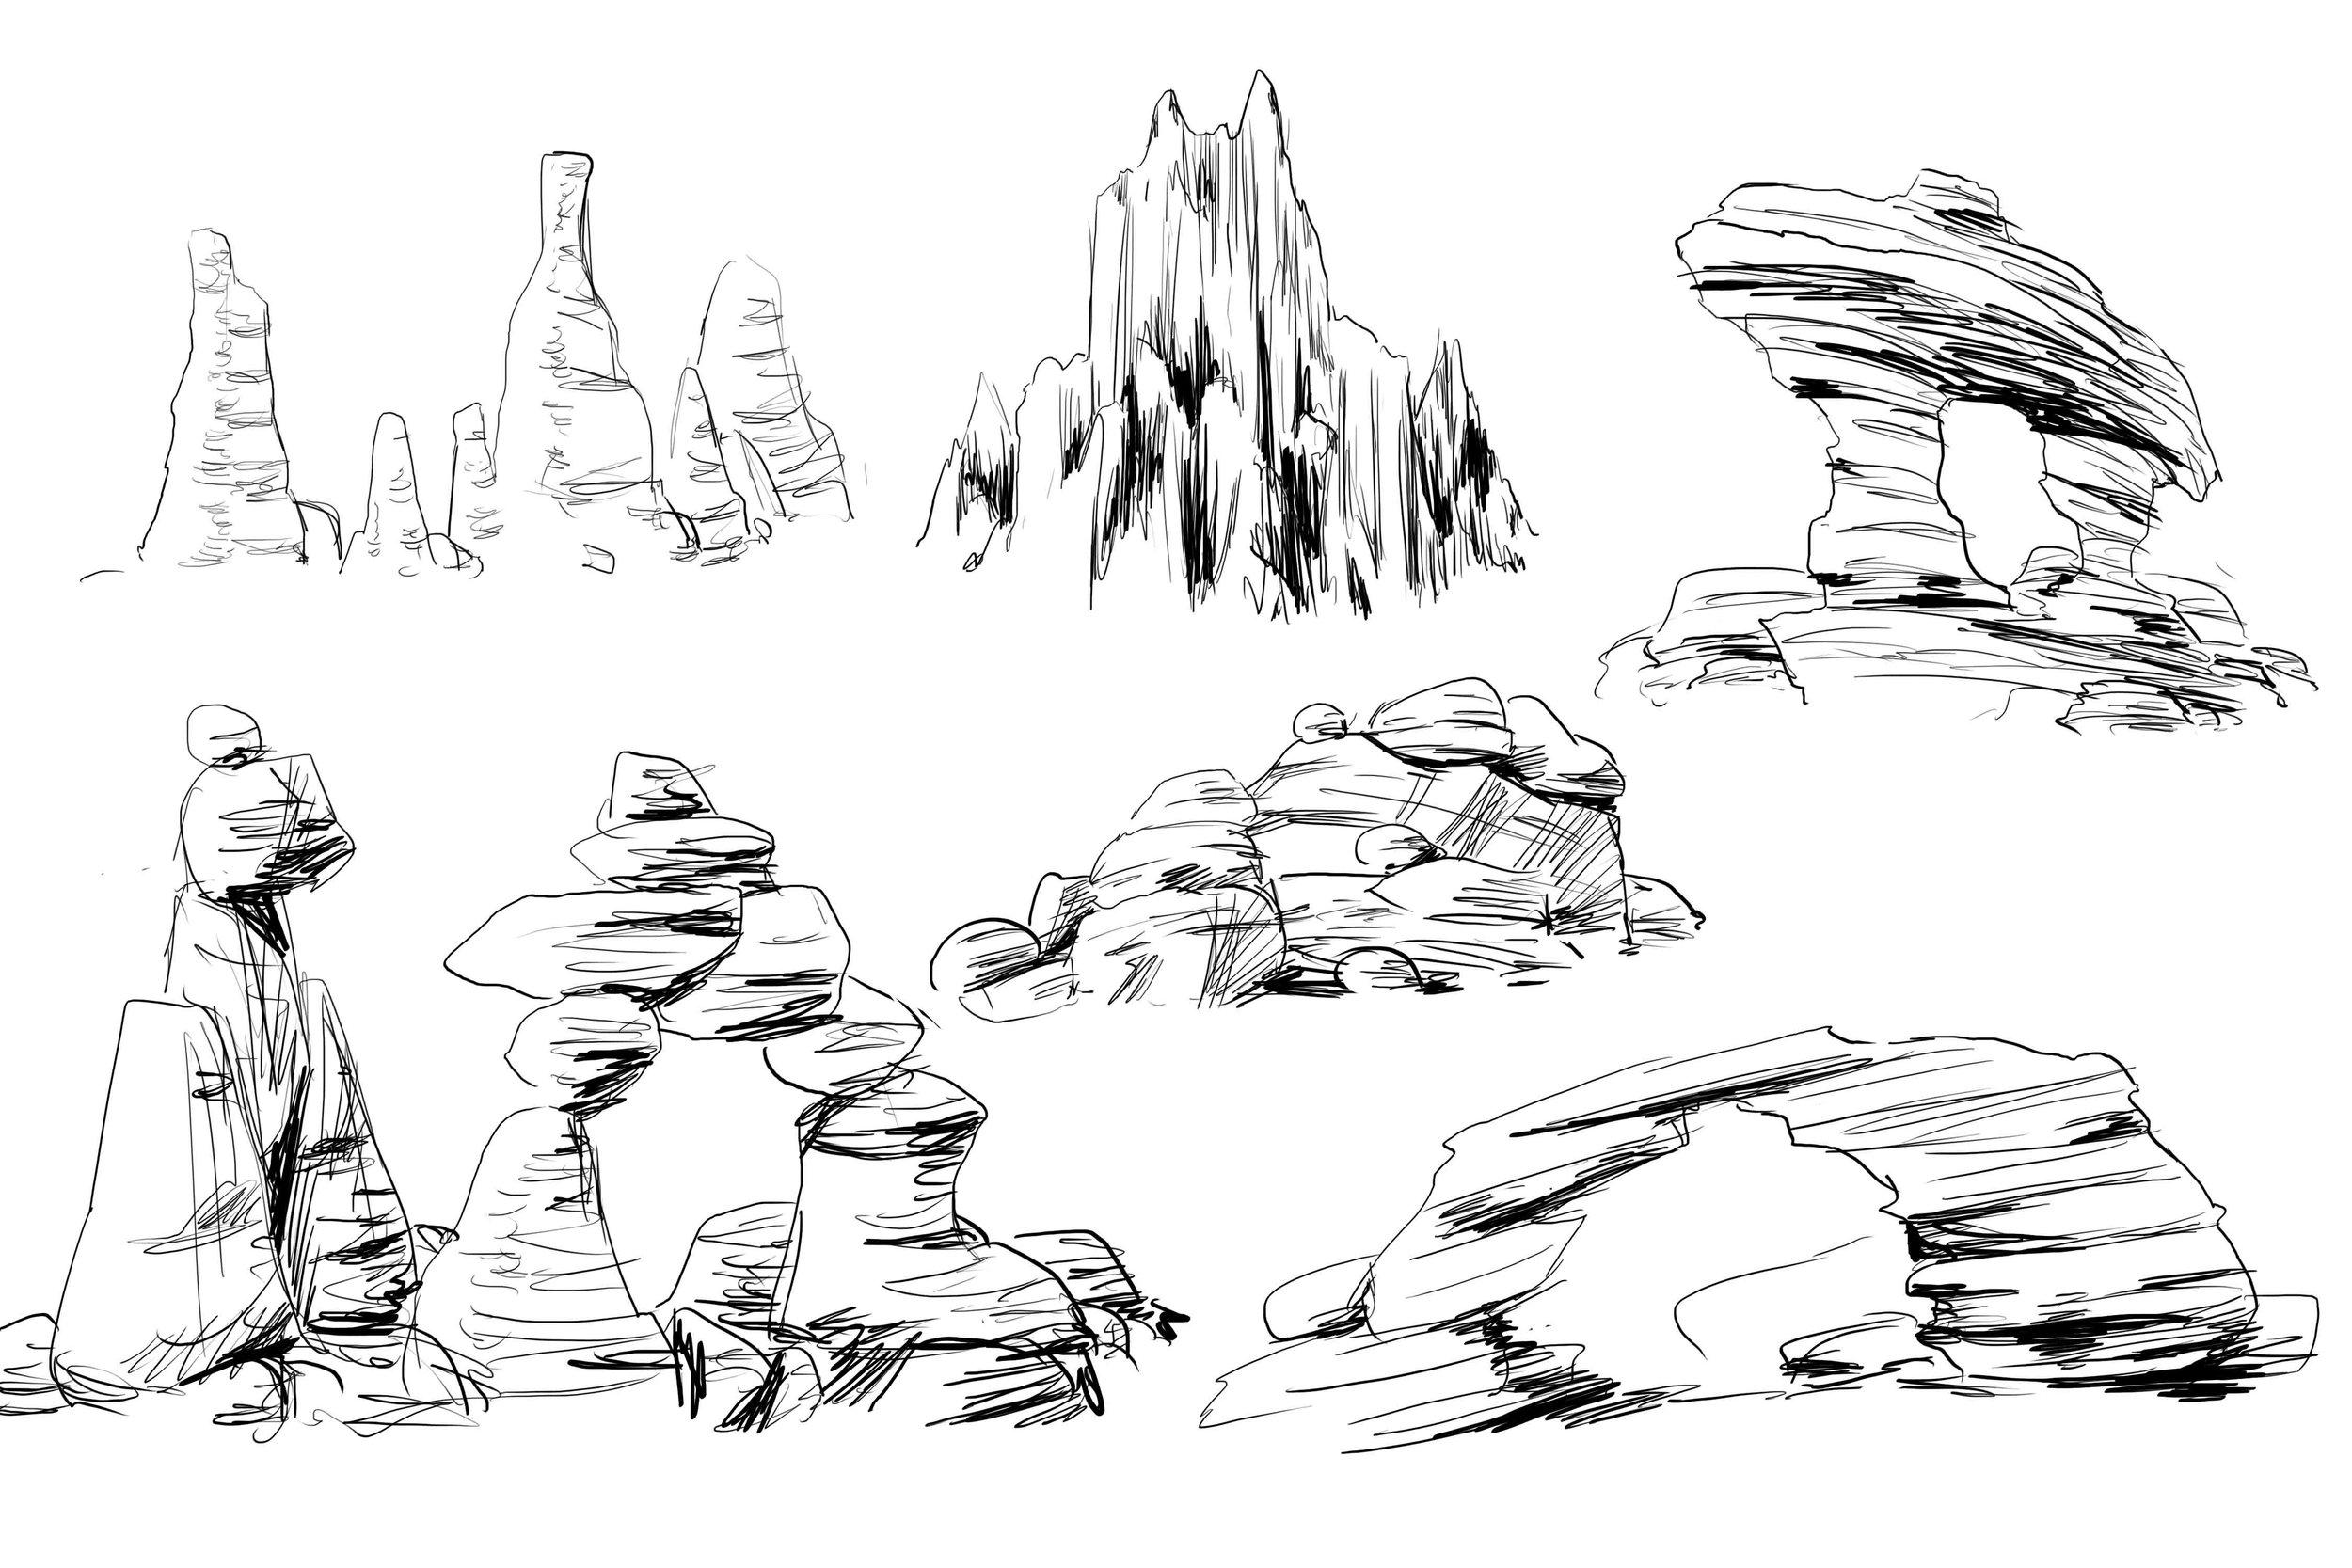 Candace_desert_badlands_props - rock formations 2.jpg